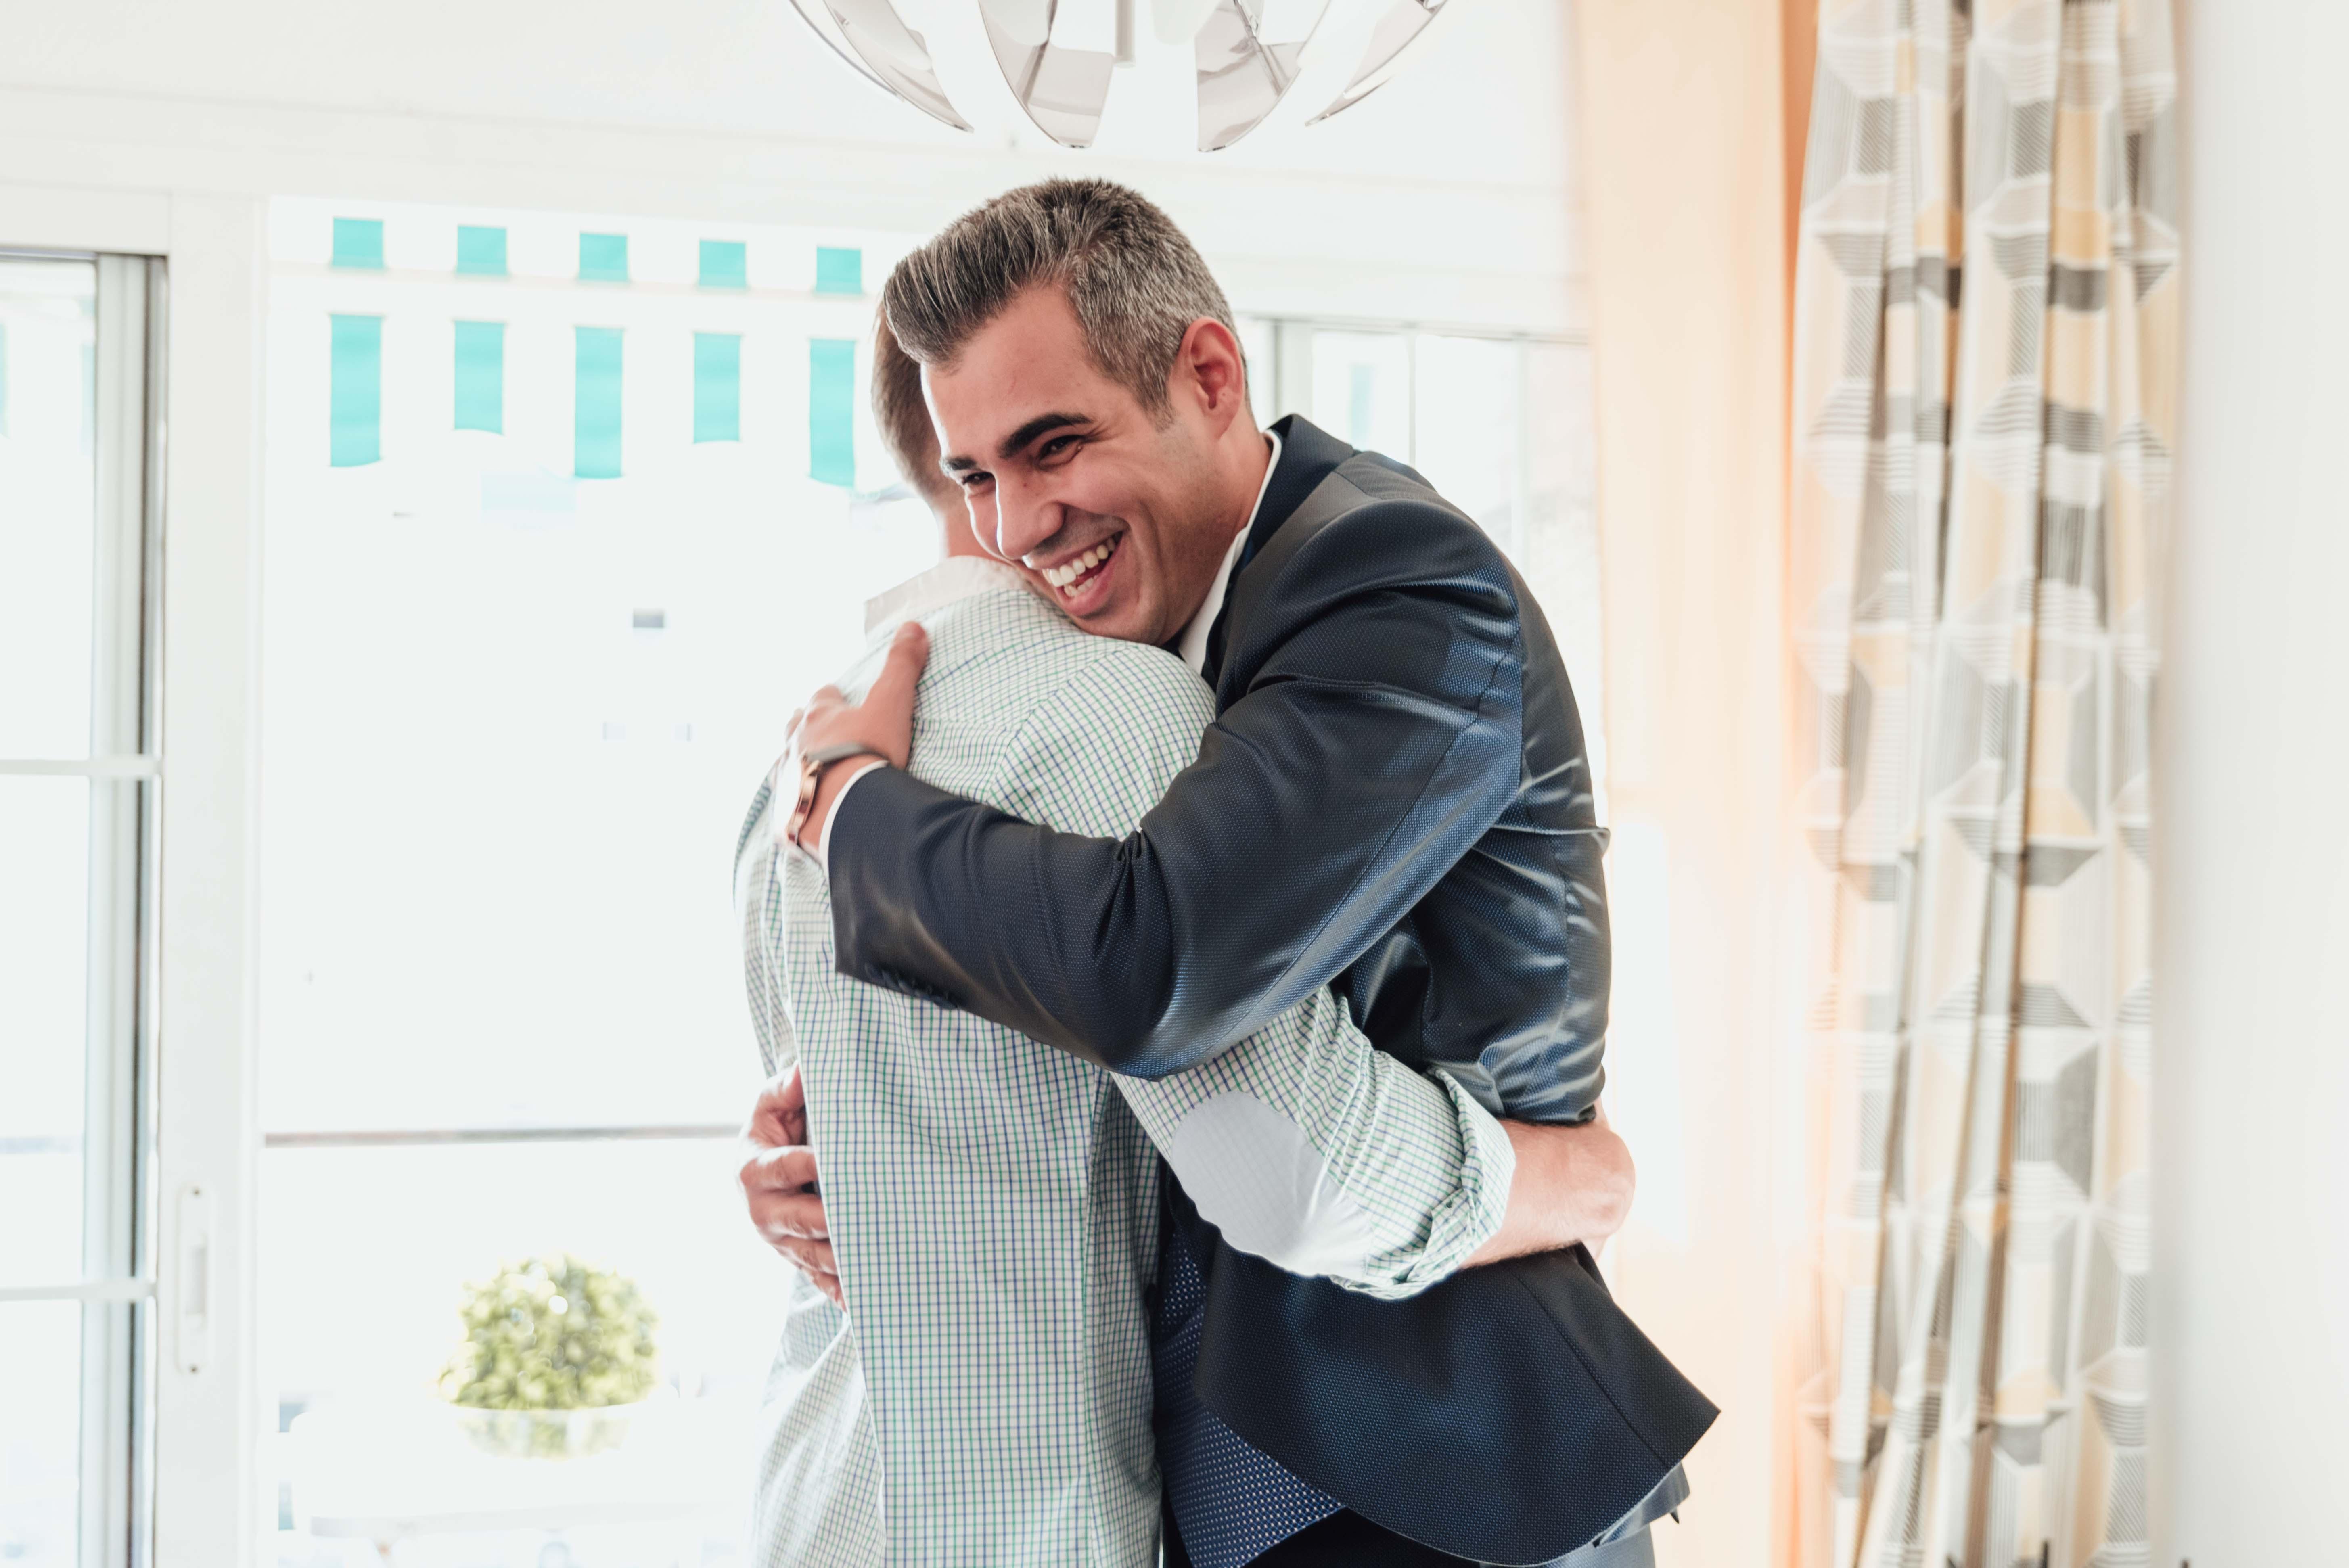 Boda de Noelia & Dani, una boda en Finca Almodovar. Una boda llena de risas y lágrimas de felicidad